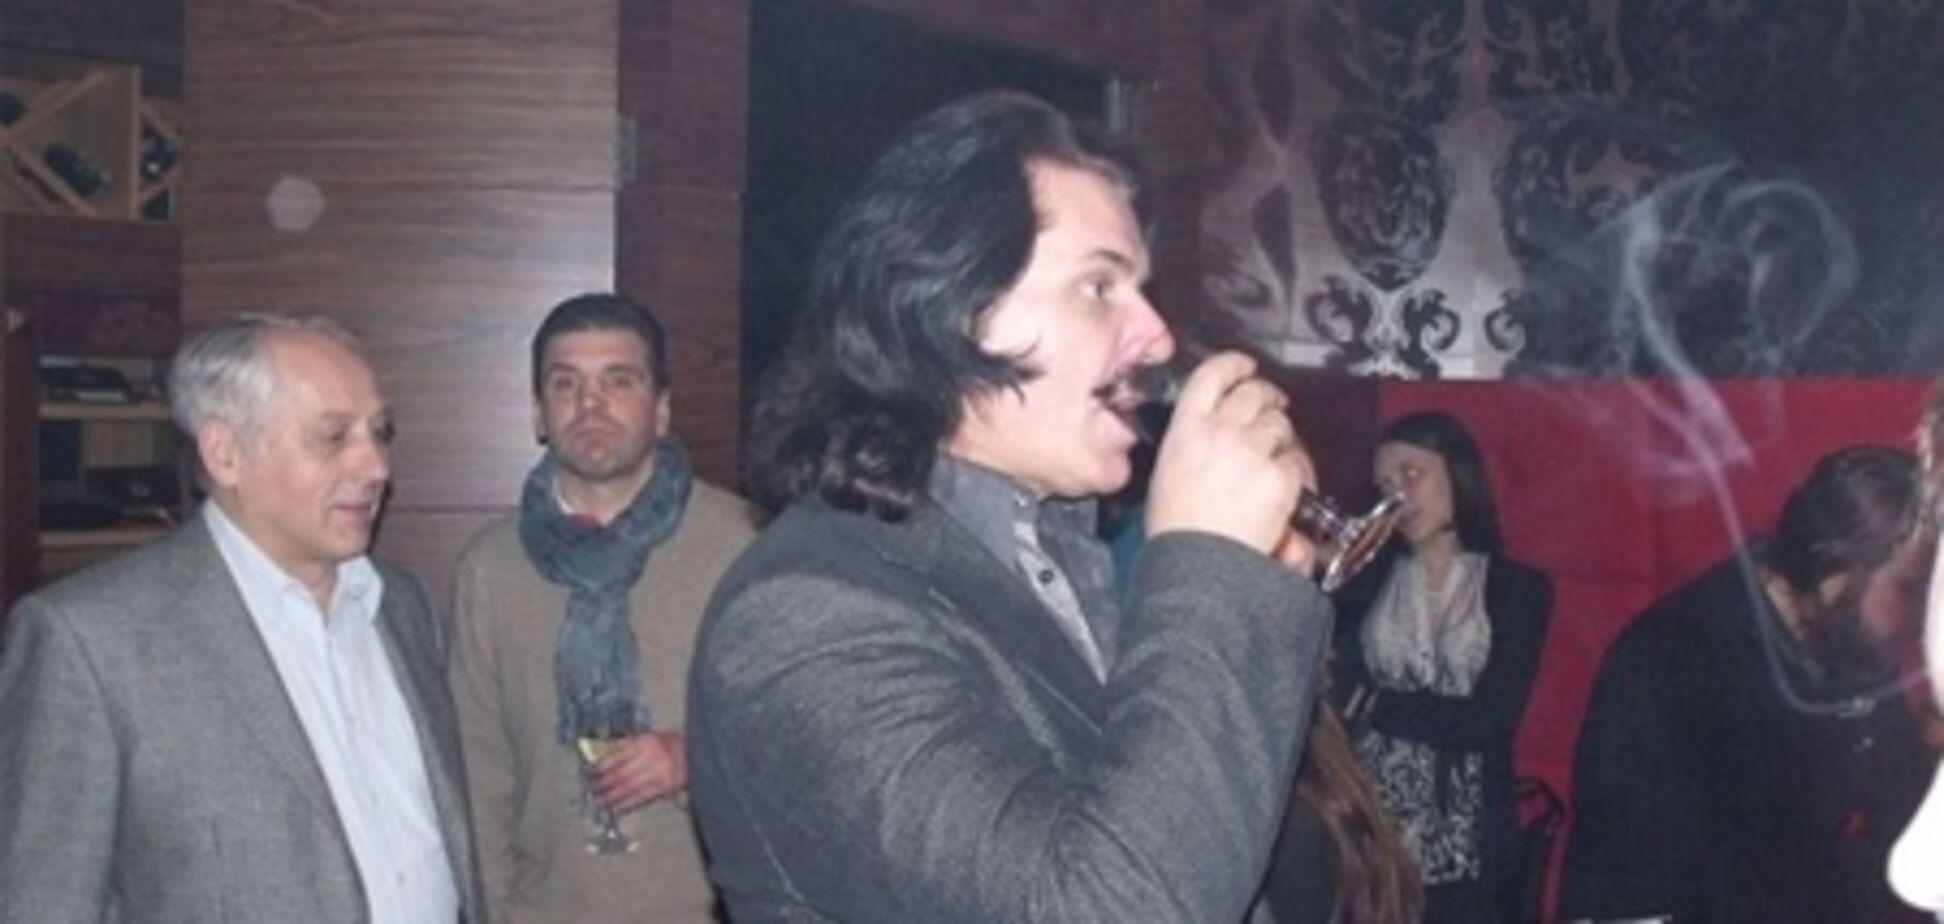 Зибров выпивает с журналистами. Фото